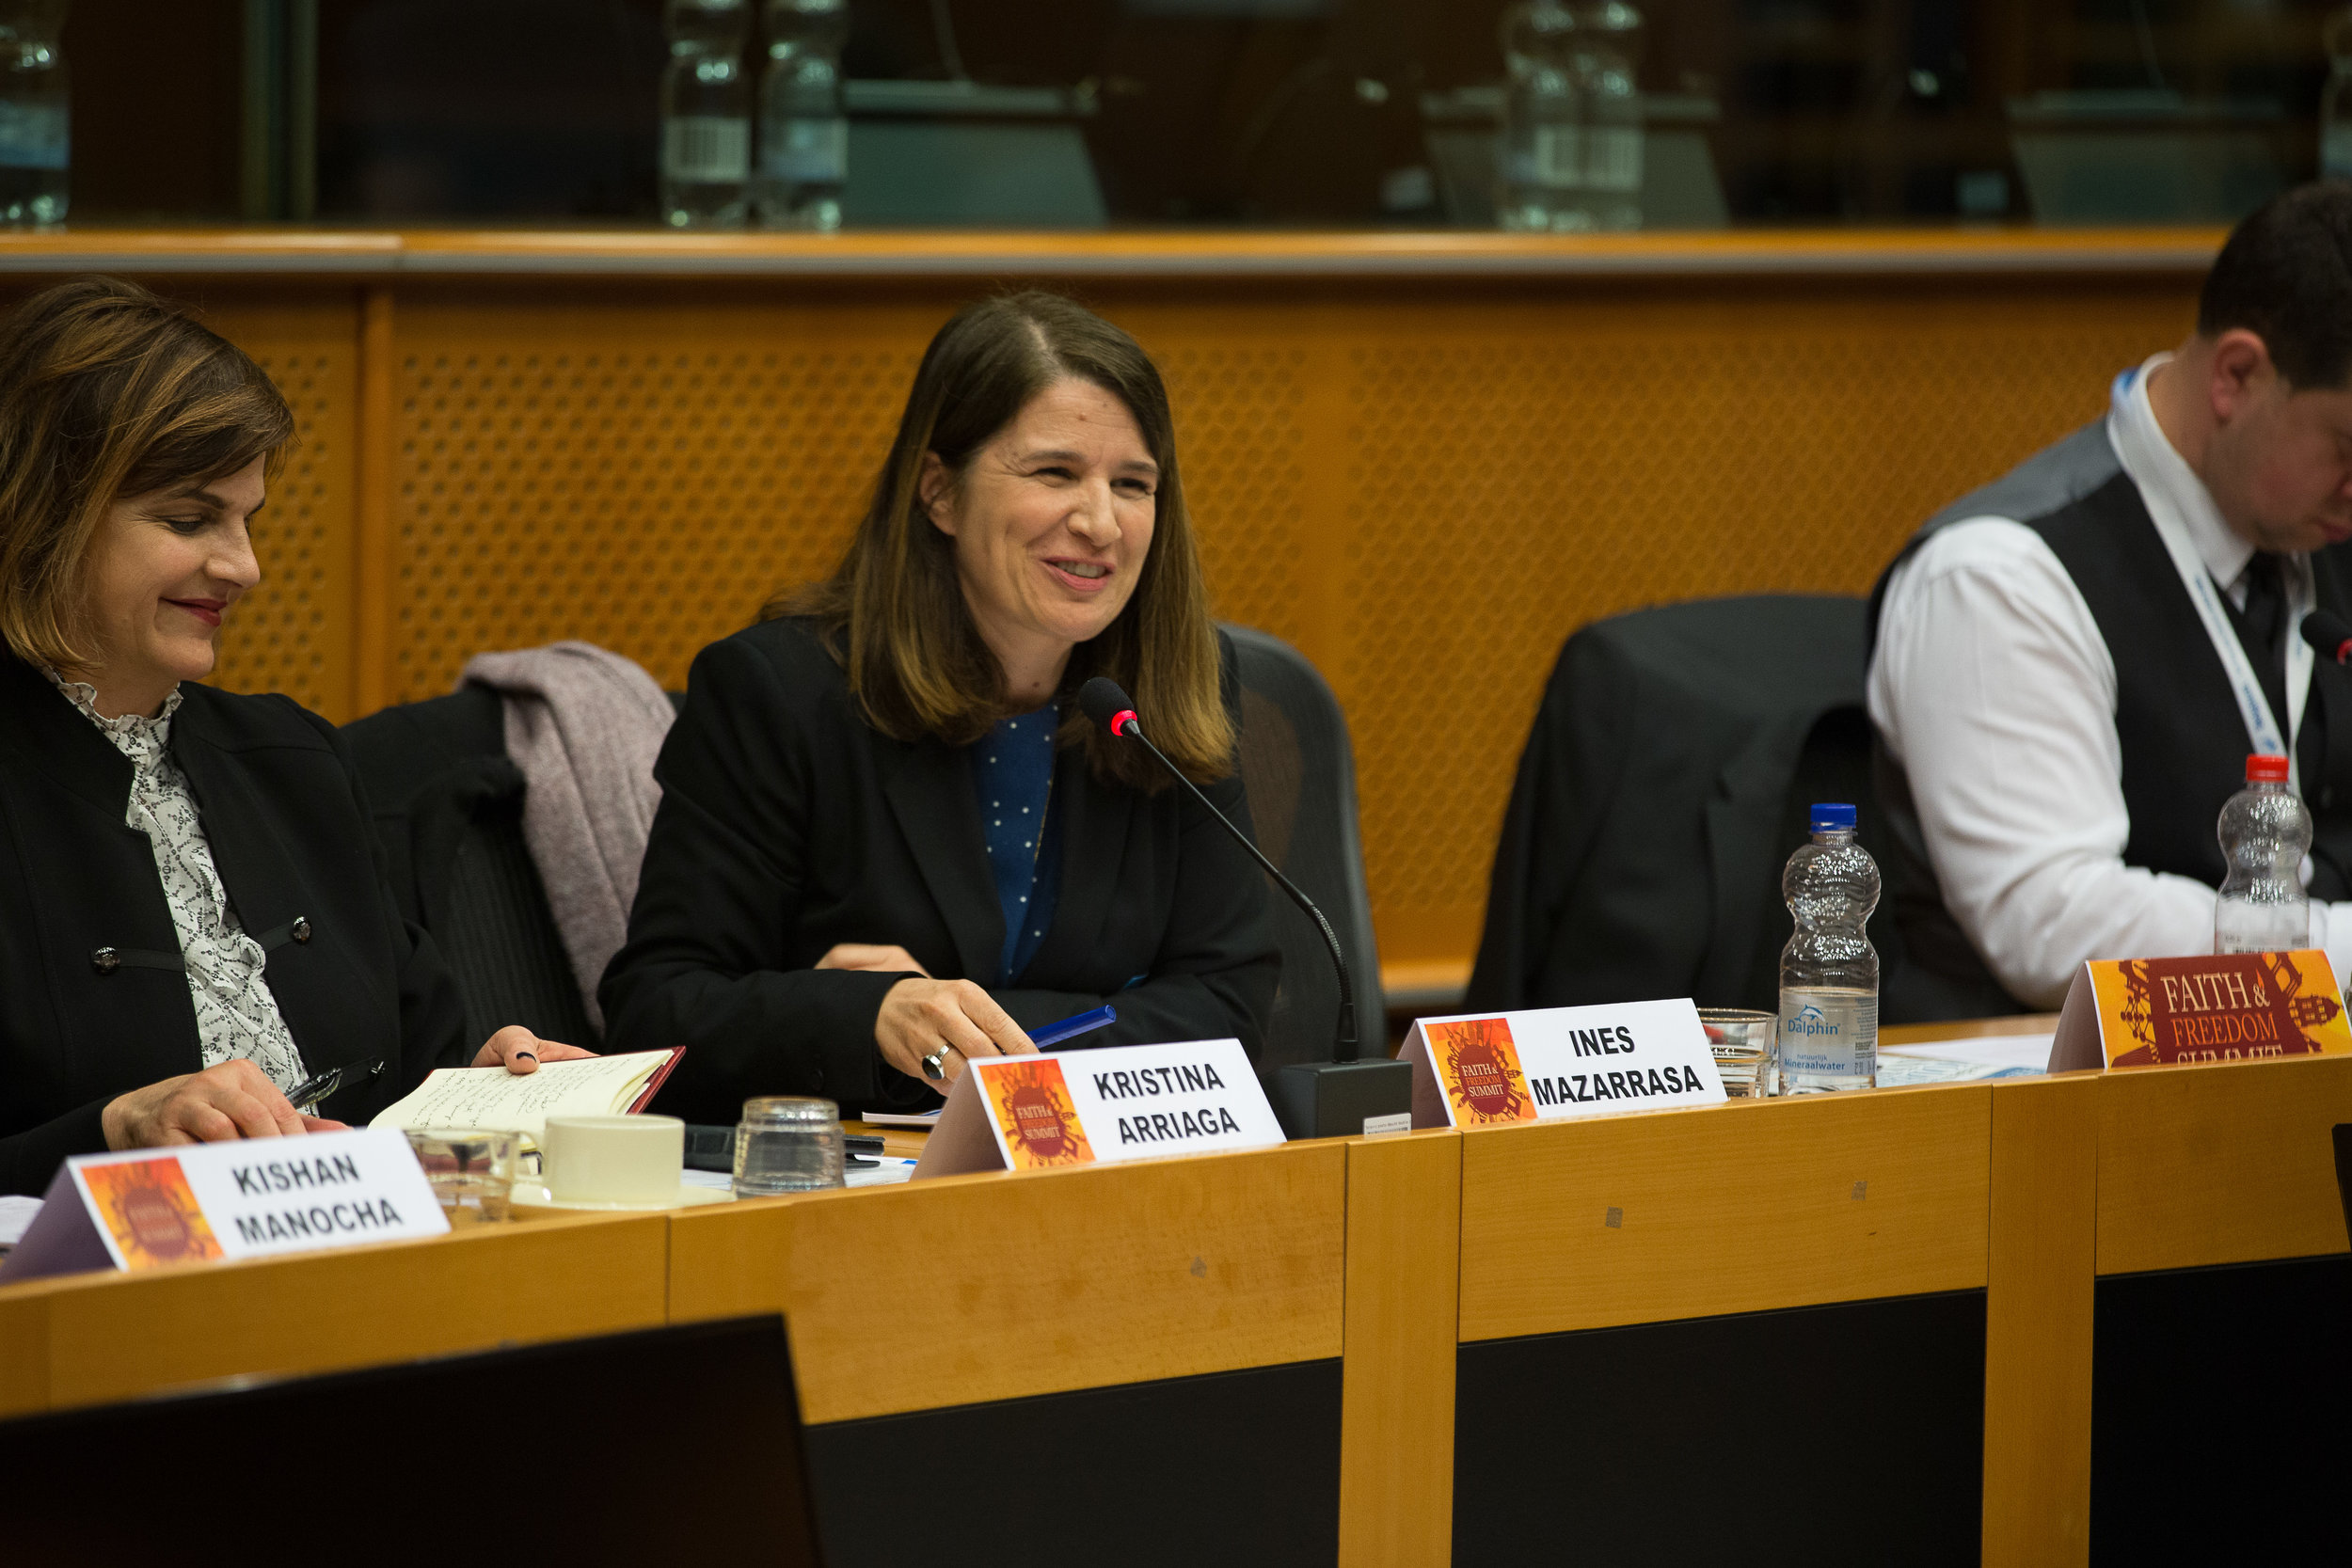 Ms. Ines Mazarrasa  - Directora Fundacion Pluralismo y Convivencia (Foundation Pluralism and Coexistence)